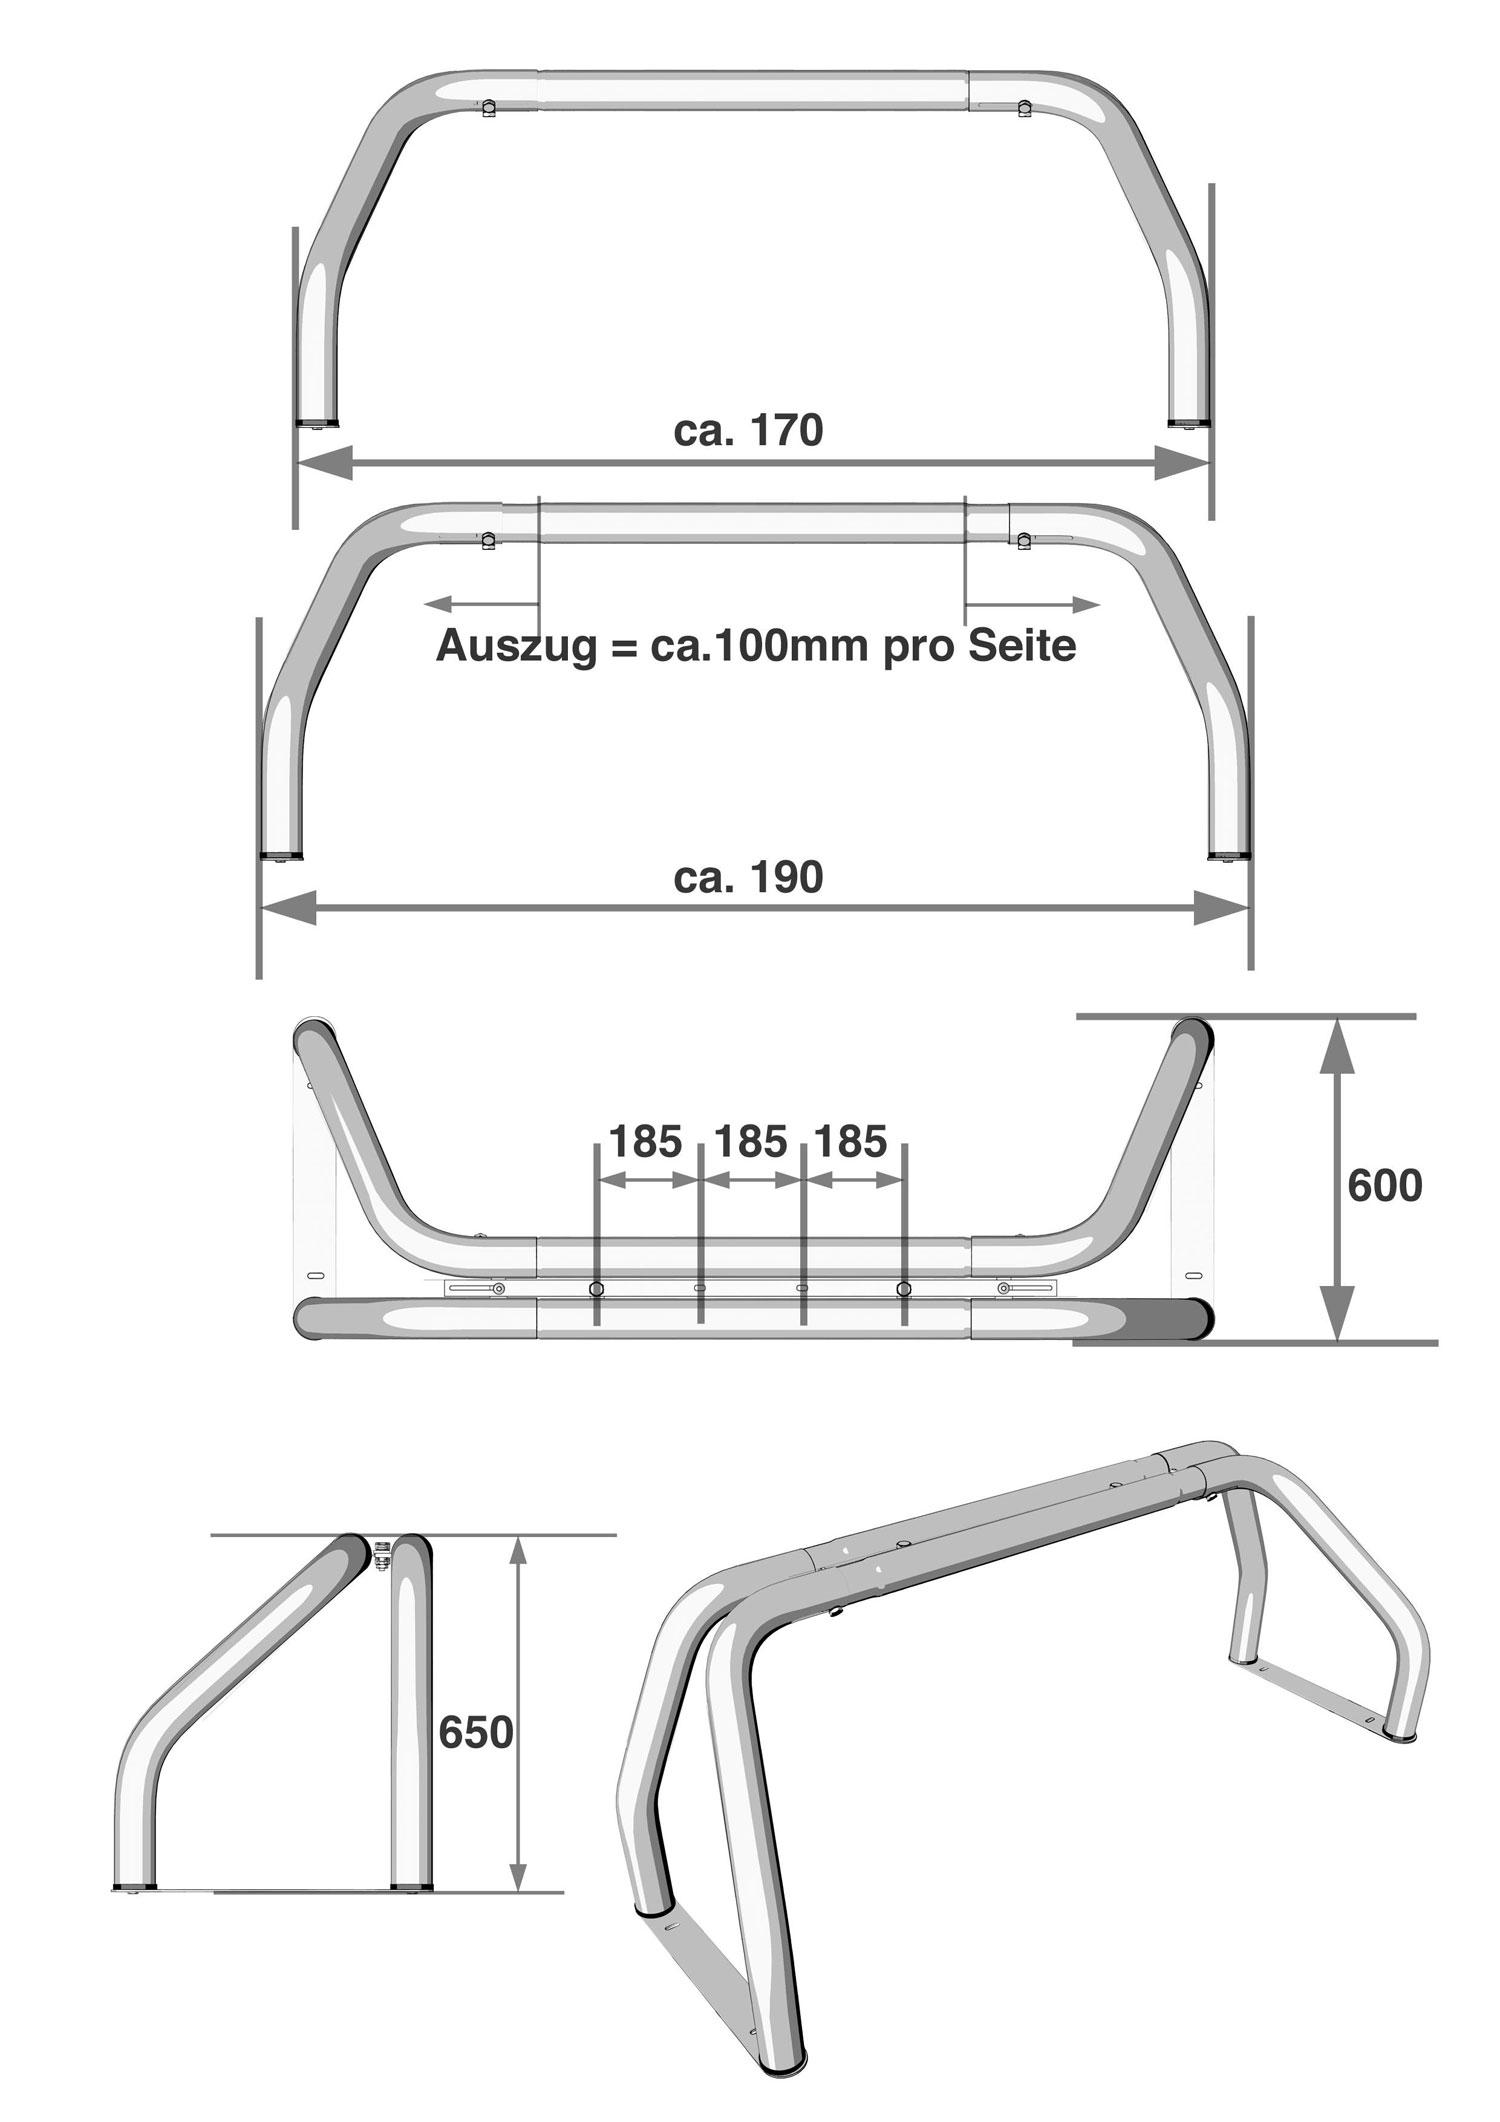 Berrollb gel 76mm 170 190cm dodge ram chevy pickup gmc - Edelstahlrohr durchmesser tabelle ...